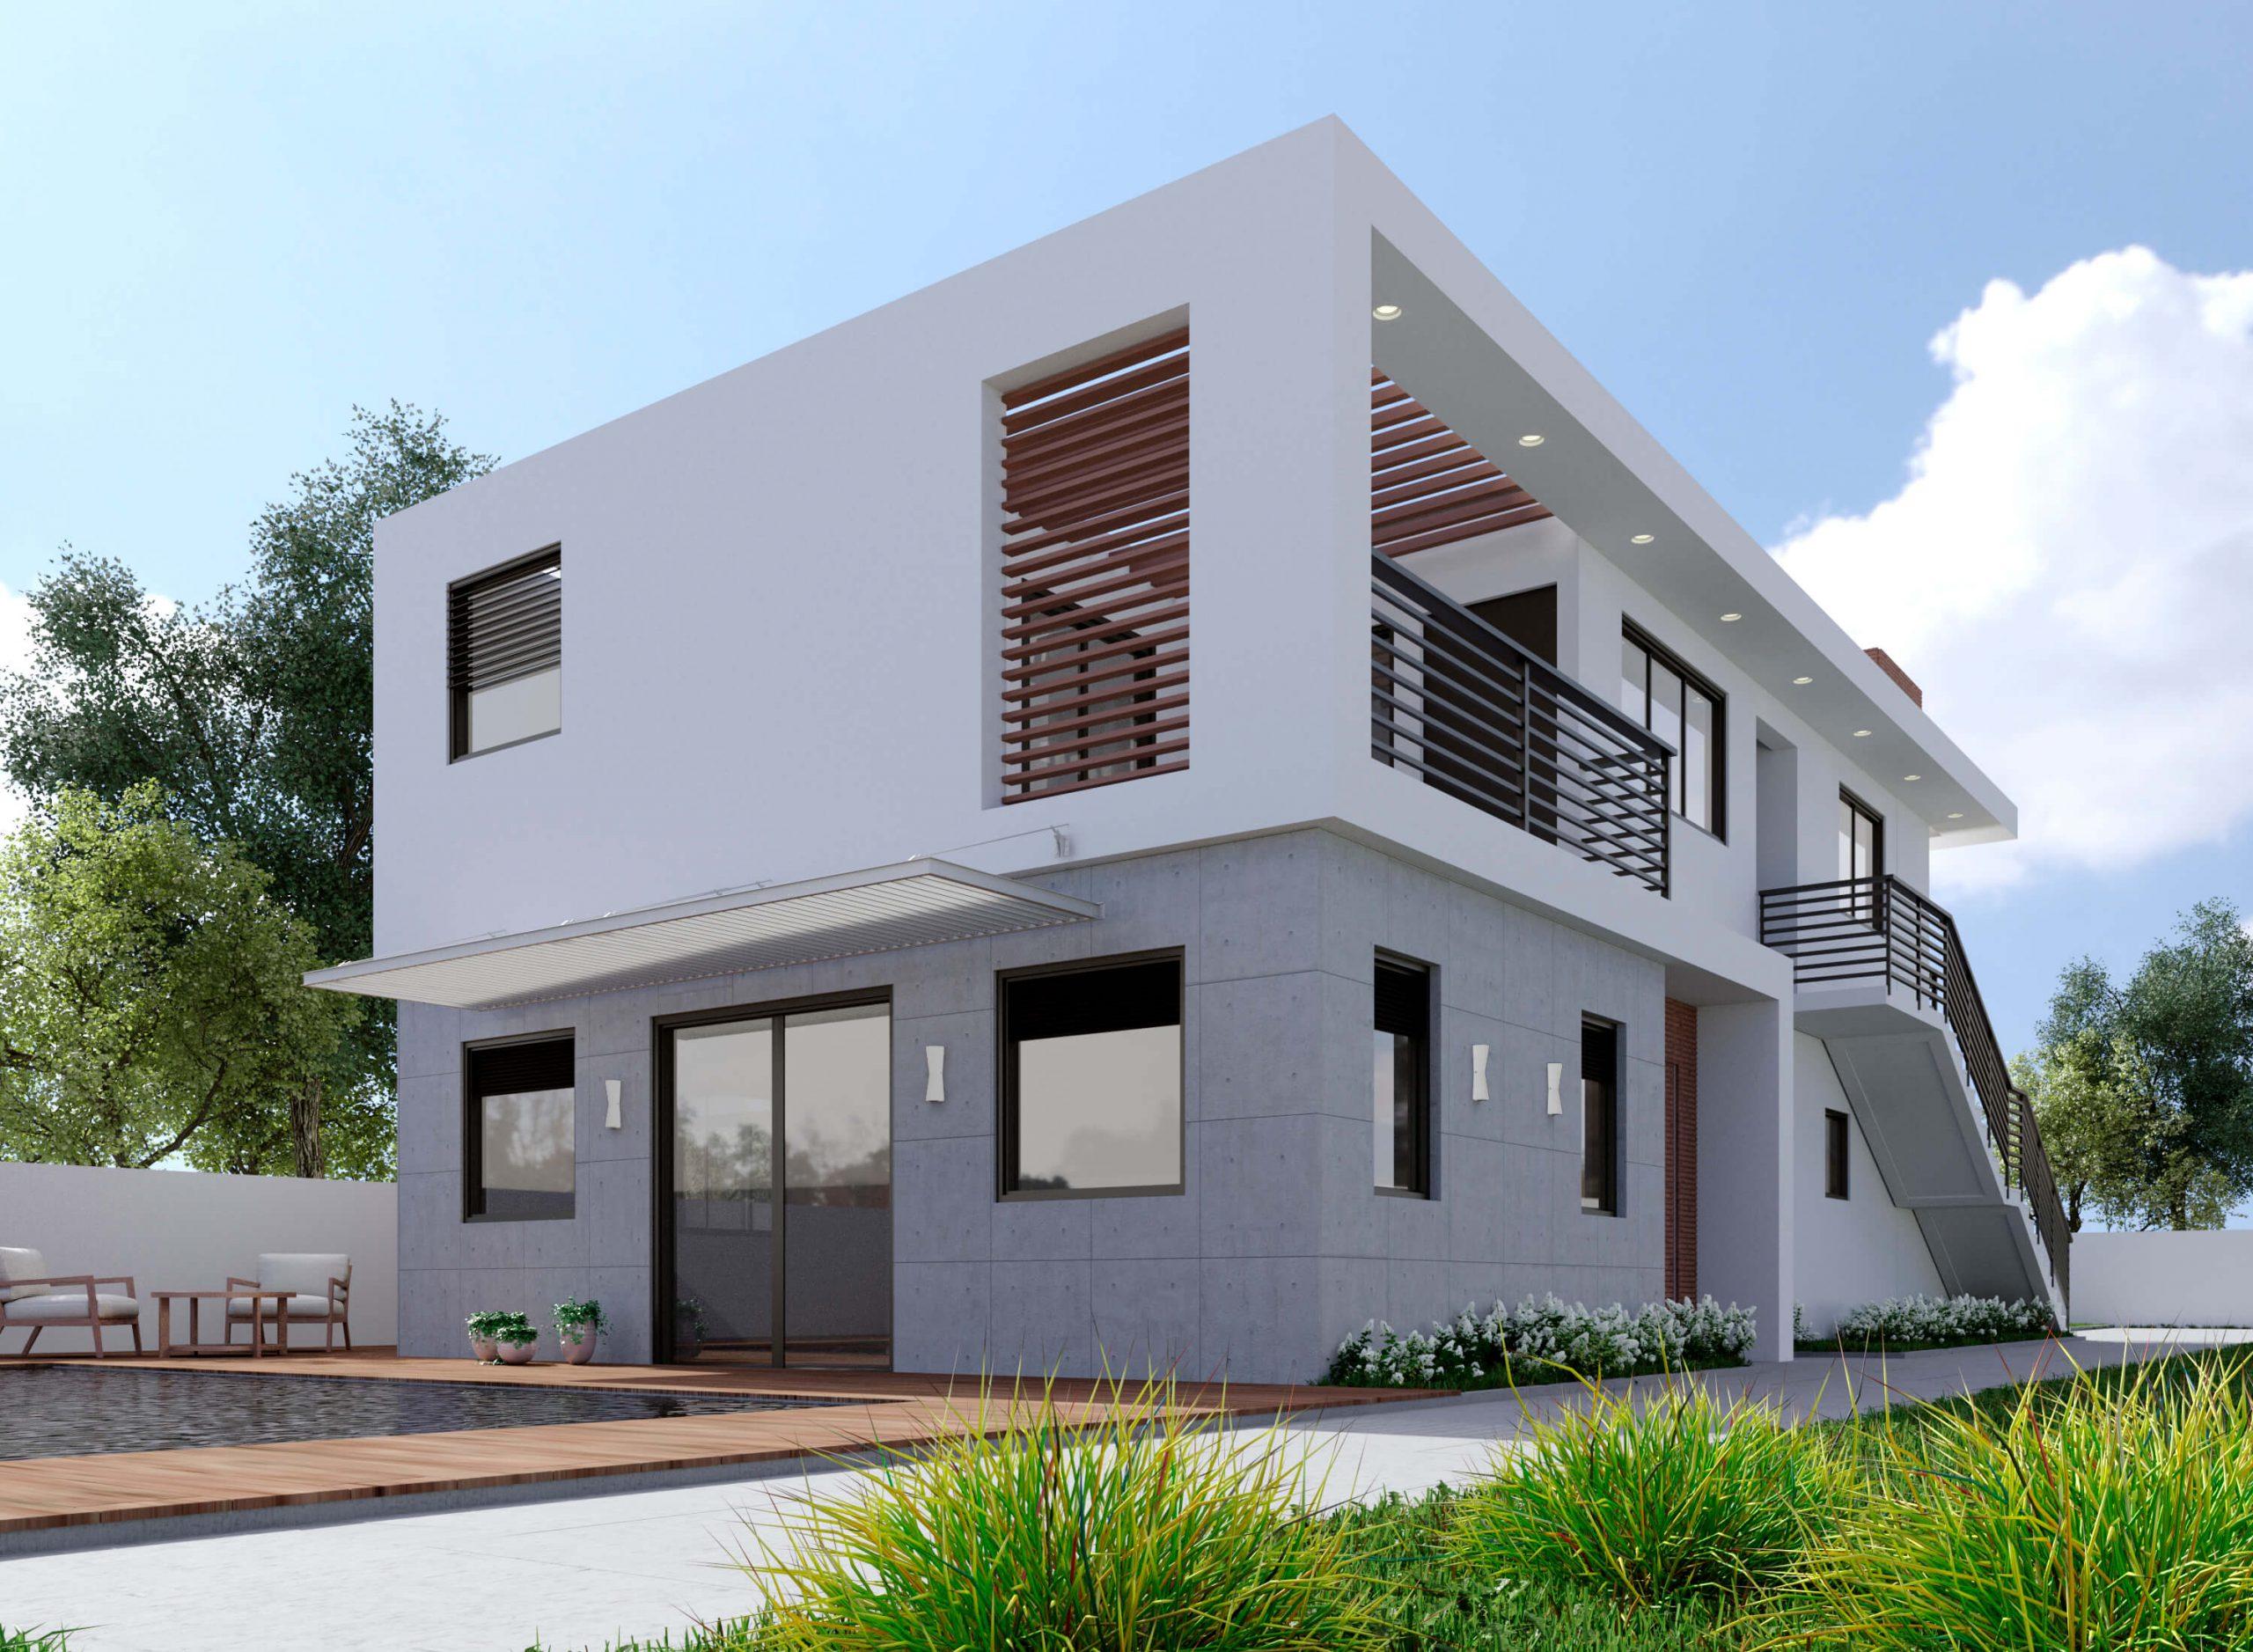 בית פרטי בסגנון מודרני עם בריכה בחצר